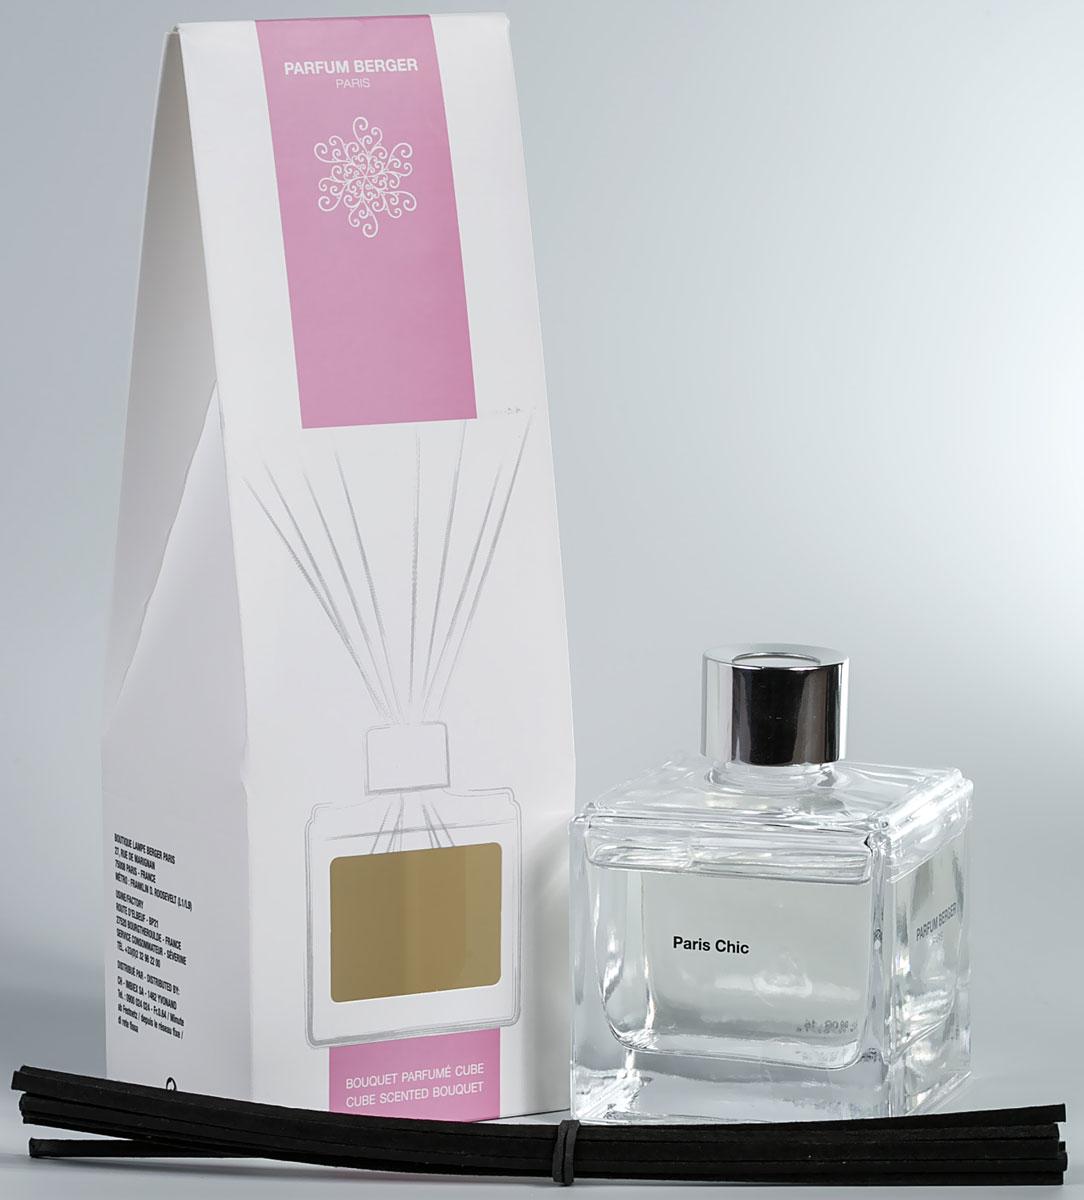 """Особенность диффузора """"Parfum Berger"""" заключается в применении инновационных полимерных палочек, что эффективнее любых тростниковых в  5 раз. Остаточный  эффект от аромажидкости остается в полимерных палочках еще на протяжении более 2-х недель и продолжает вас радовать, пока вы не дольете  во флакон свой любимый аромат.   Комплект состоит из подарочной коробочки, стеклянного флакона объемом 125 мл,  изысканной аромажидкости и комплекта полимерных палочек.    Элегантный куб из прозрачного стекла, украшенный серебристым кольцом, с эффектно смотрящимся букетом из черных палочек, который  придает композиции современный вид. Сделанные из технического полимера, 8 палочек гарантируют идеальное распространение аромата. Не  теряют свой цвет при контакте с содержимым флакона."""